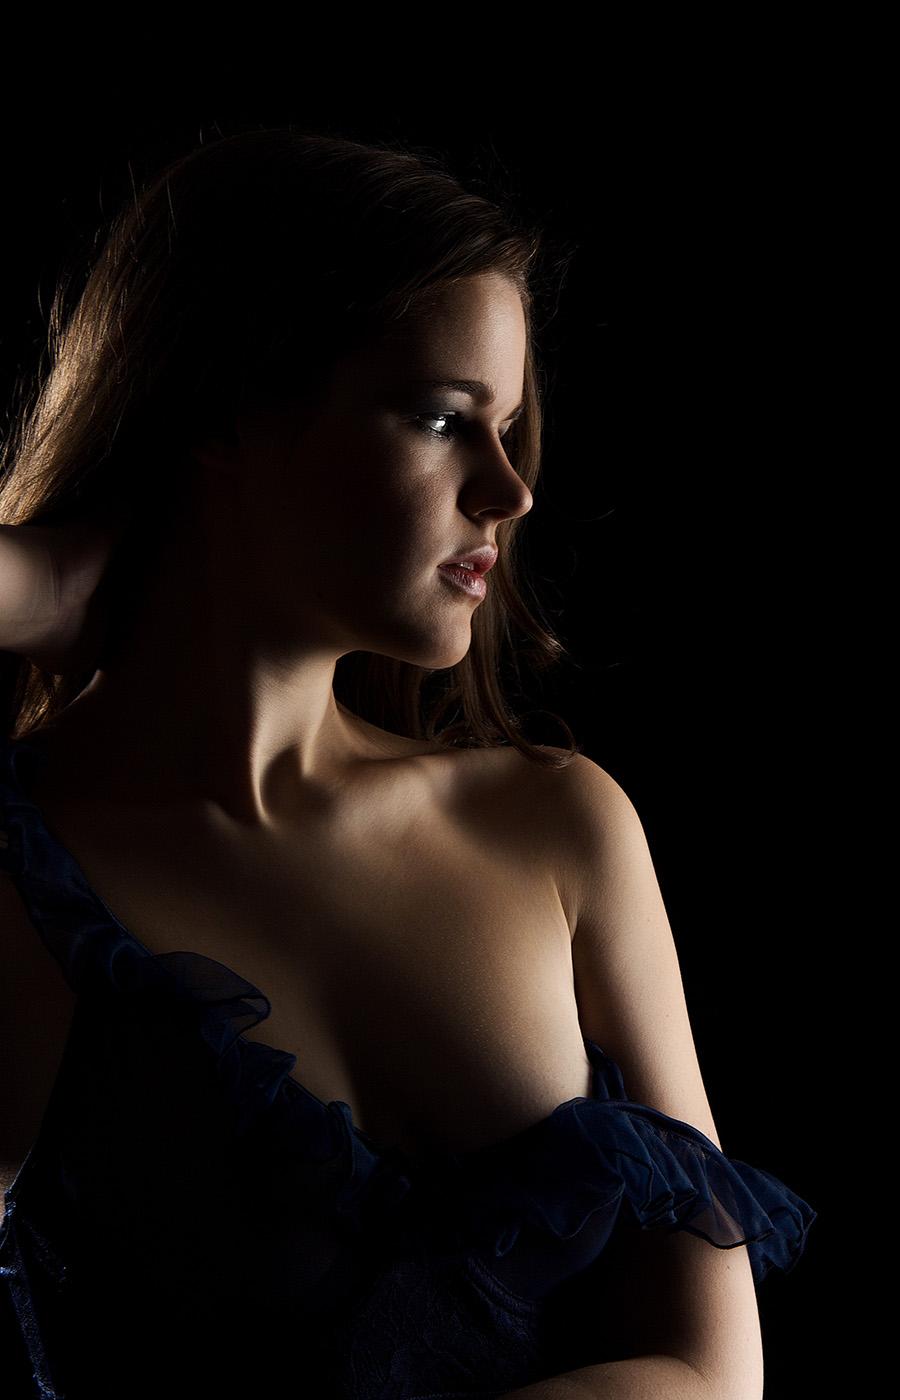 Fotoshooting Erotik  Studioart Photography